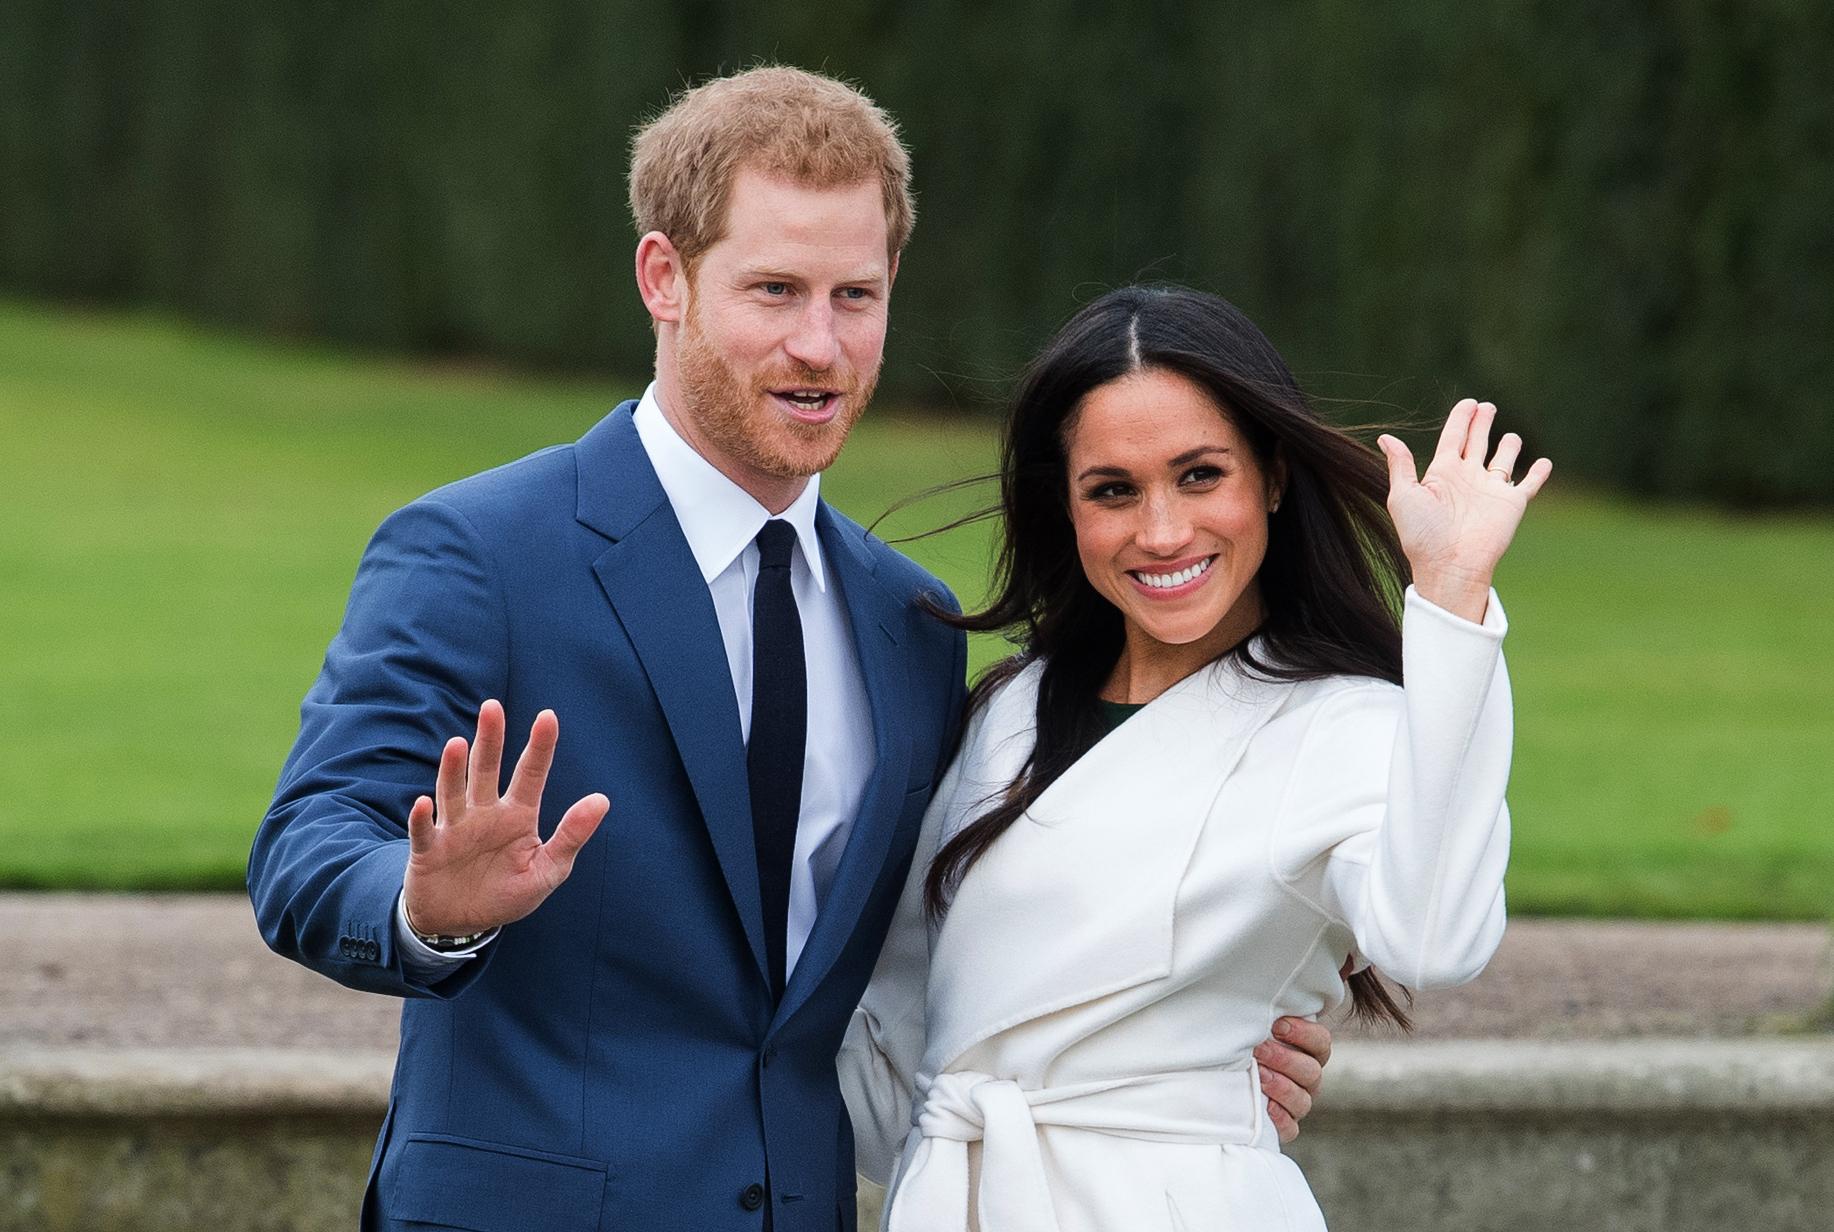 """W oczekiwaniu na największy ślub roku. """"Harry – książęce życie"""", """"Meghan Markle: hollywoodzka księżniczka"""" i """"Królewskie wesele"""" już wkrótce na kanale National Geographic"""